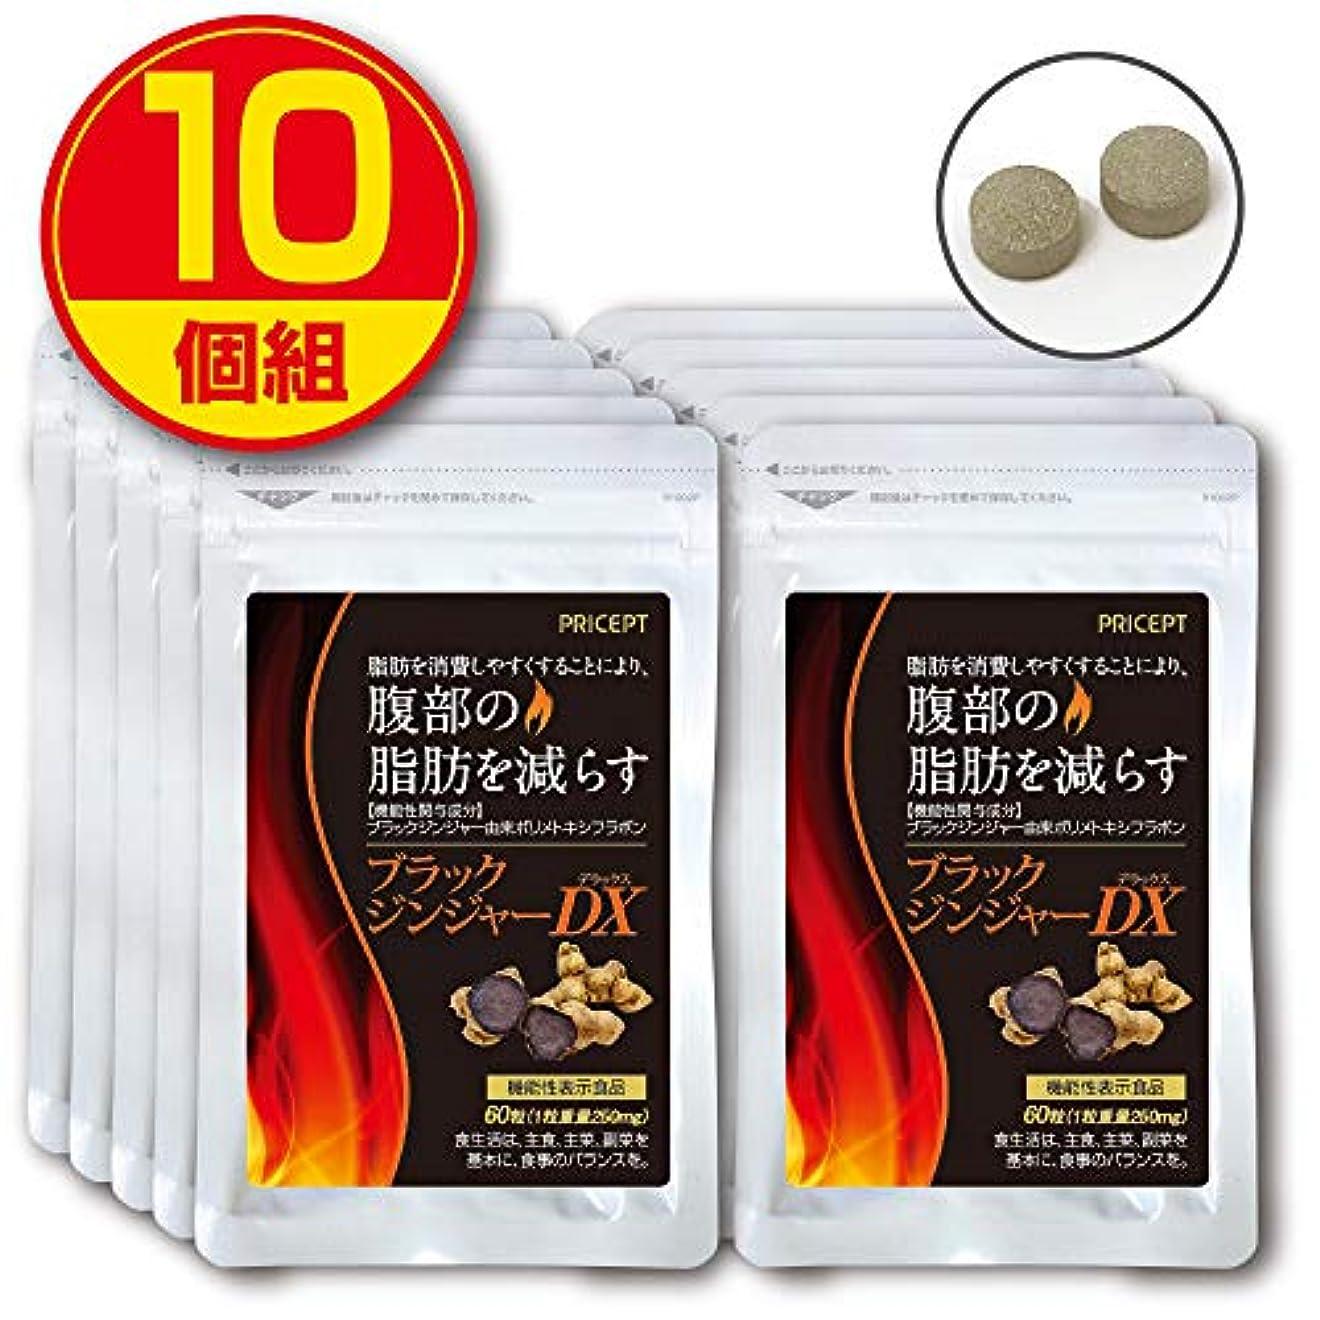 ベルベットリスクリスマスプリセプト ブラックジンジャーDX 機能性表示食品 60粒【10個組】(ダイエットサプリメント?粒タイプ)